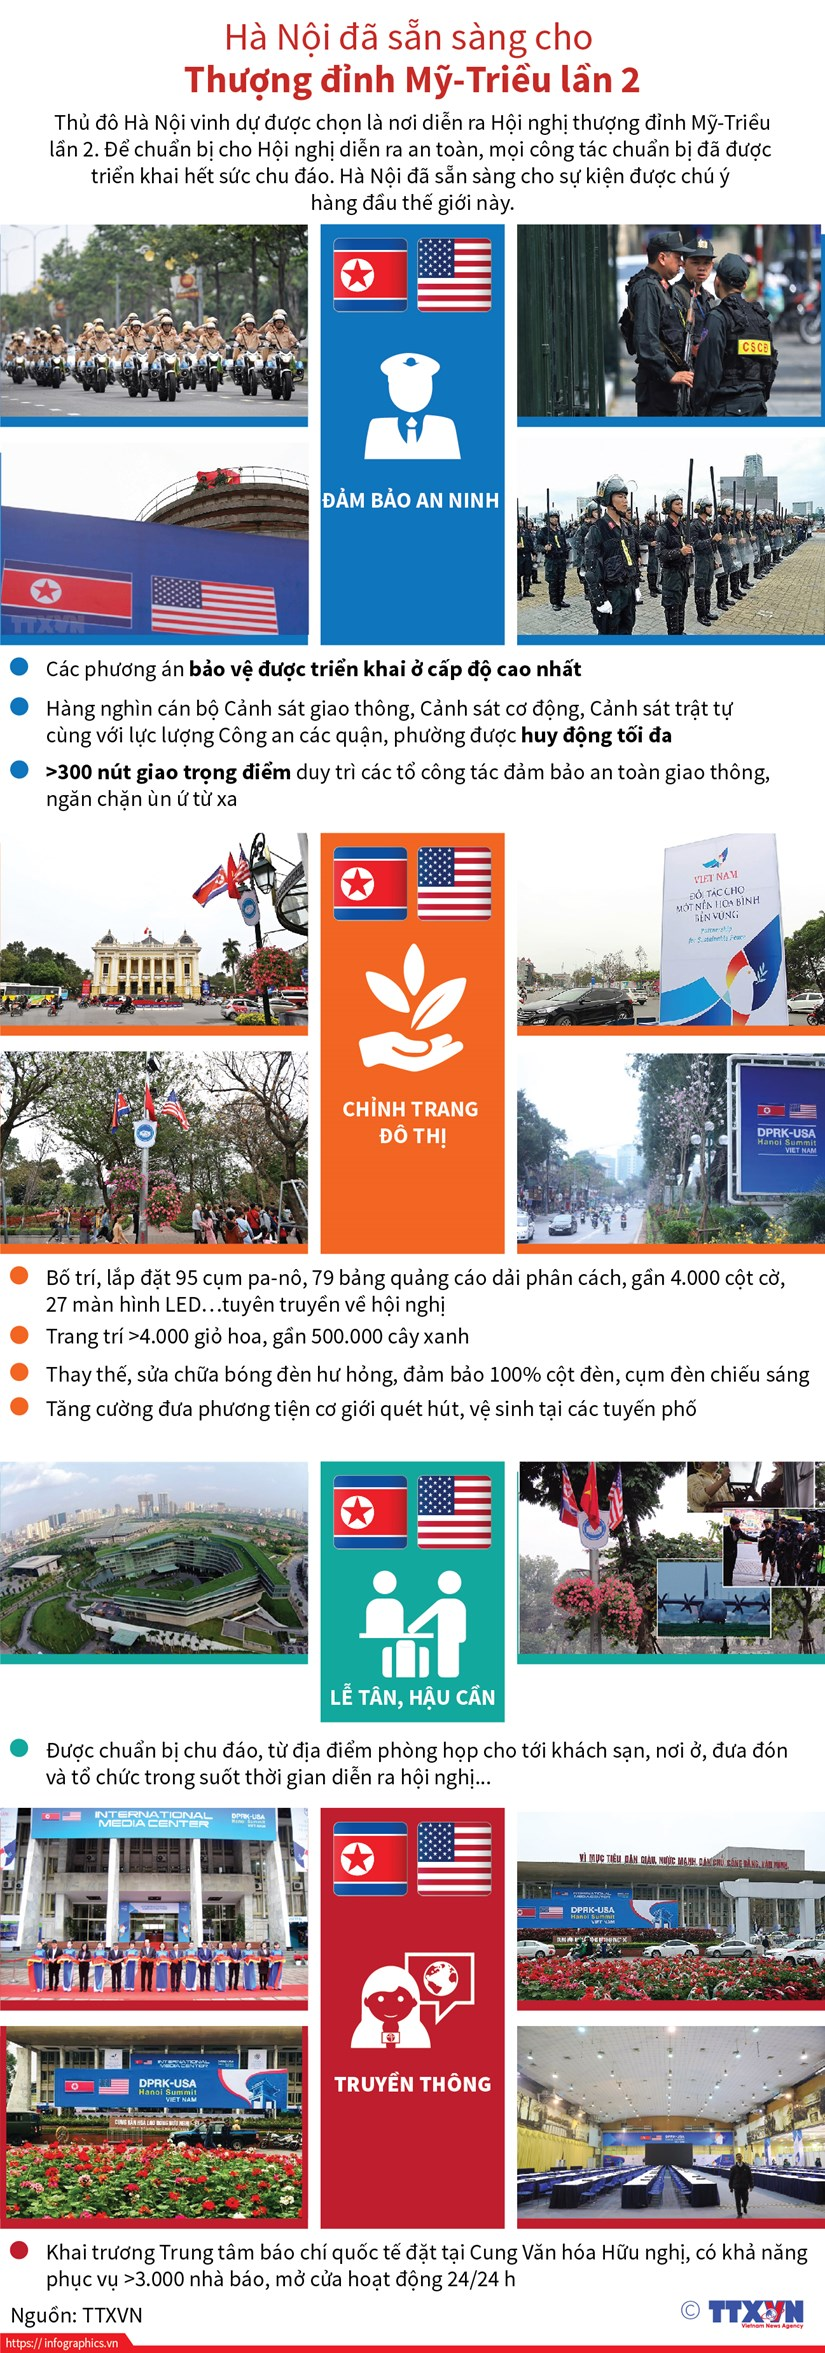 [Infographics] Ha Noi da san sang cho Thuong dinh My-Trieu lan 2 hinh anh 1